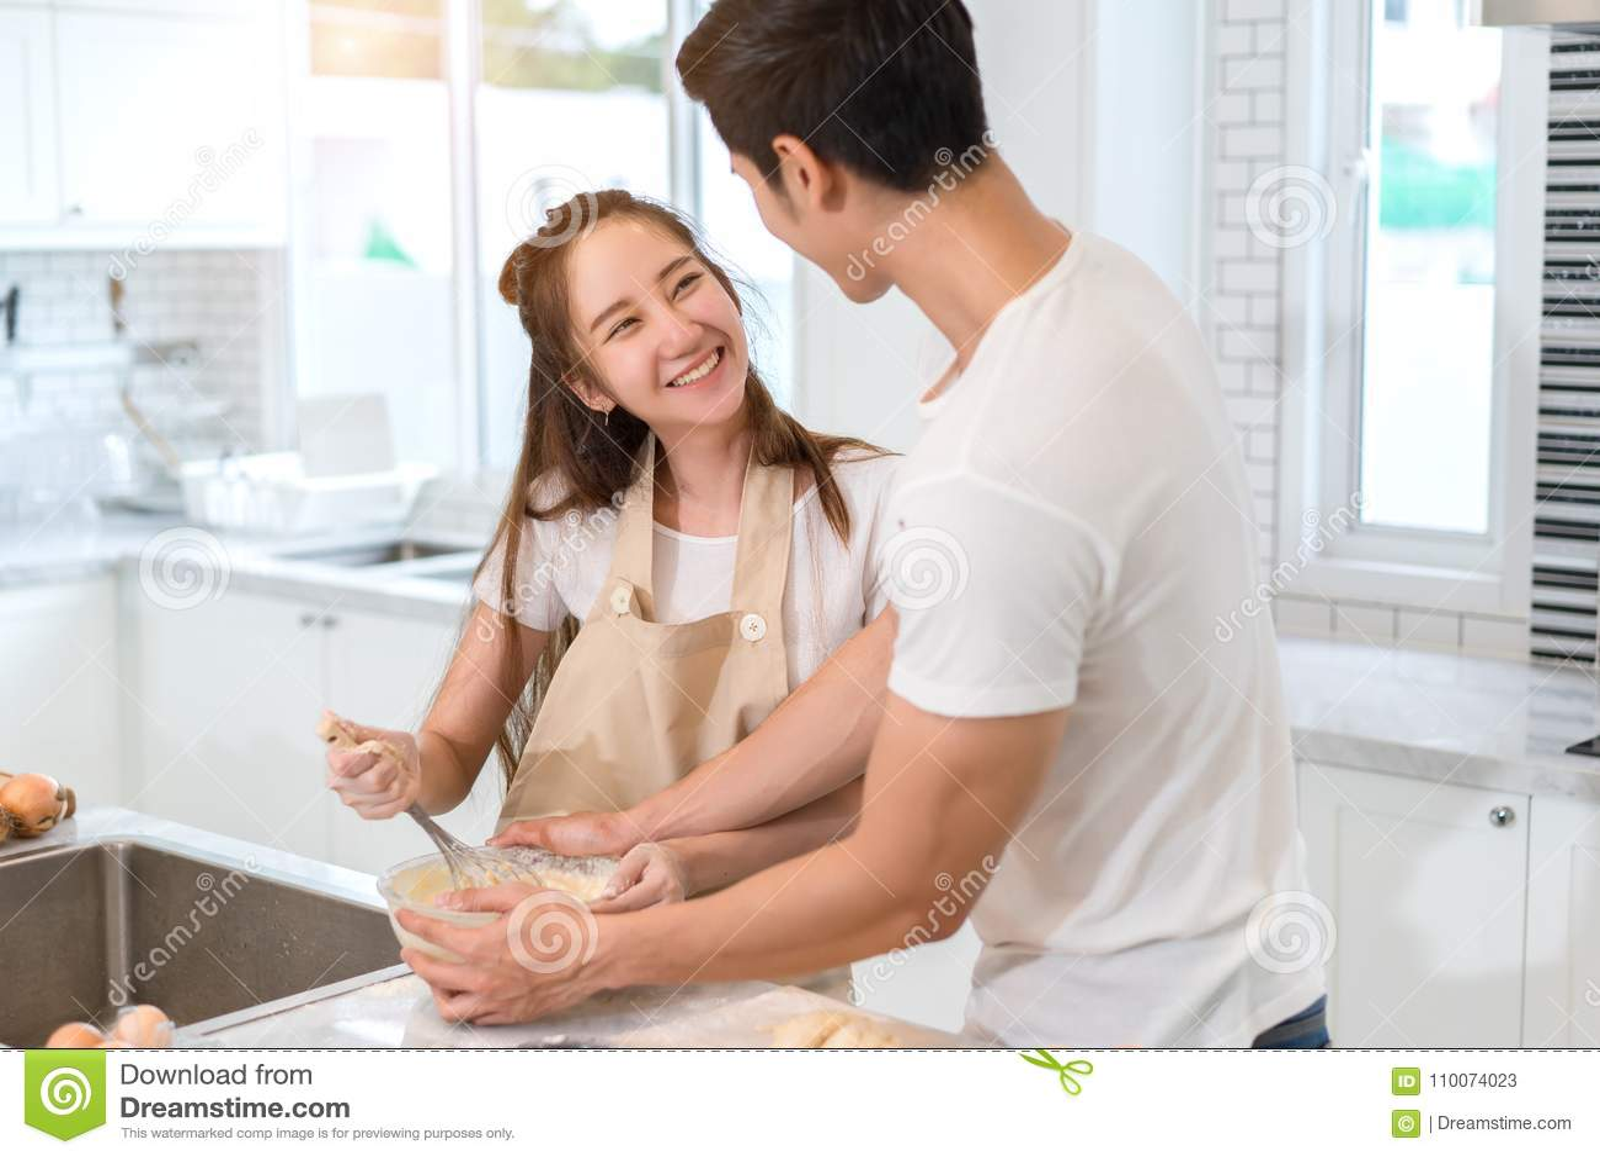 Coppia la cottura del forno nella stanza della cucina, in giovane uomo asiatico ed in donna insieme